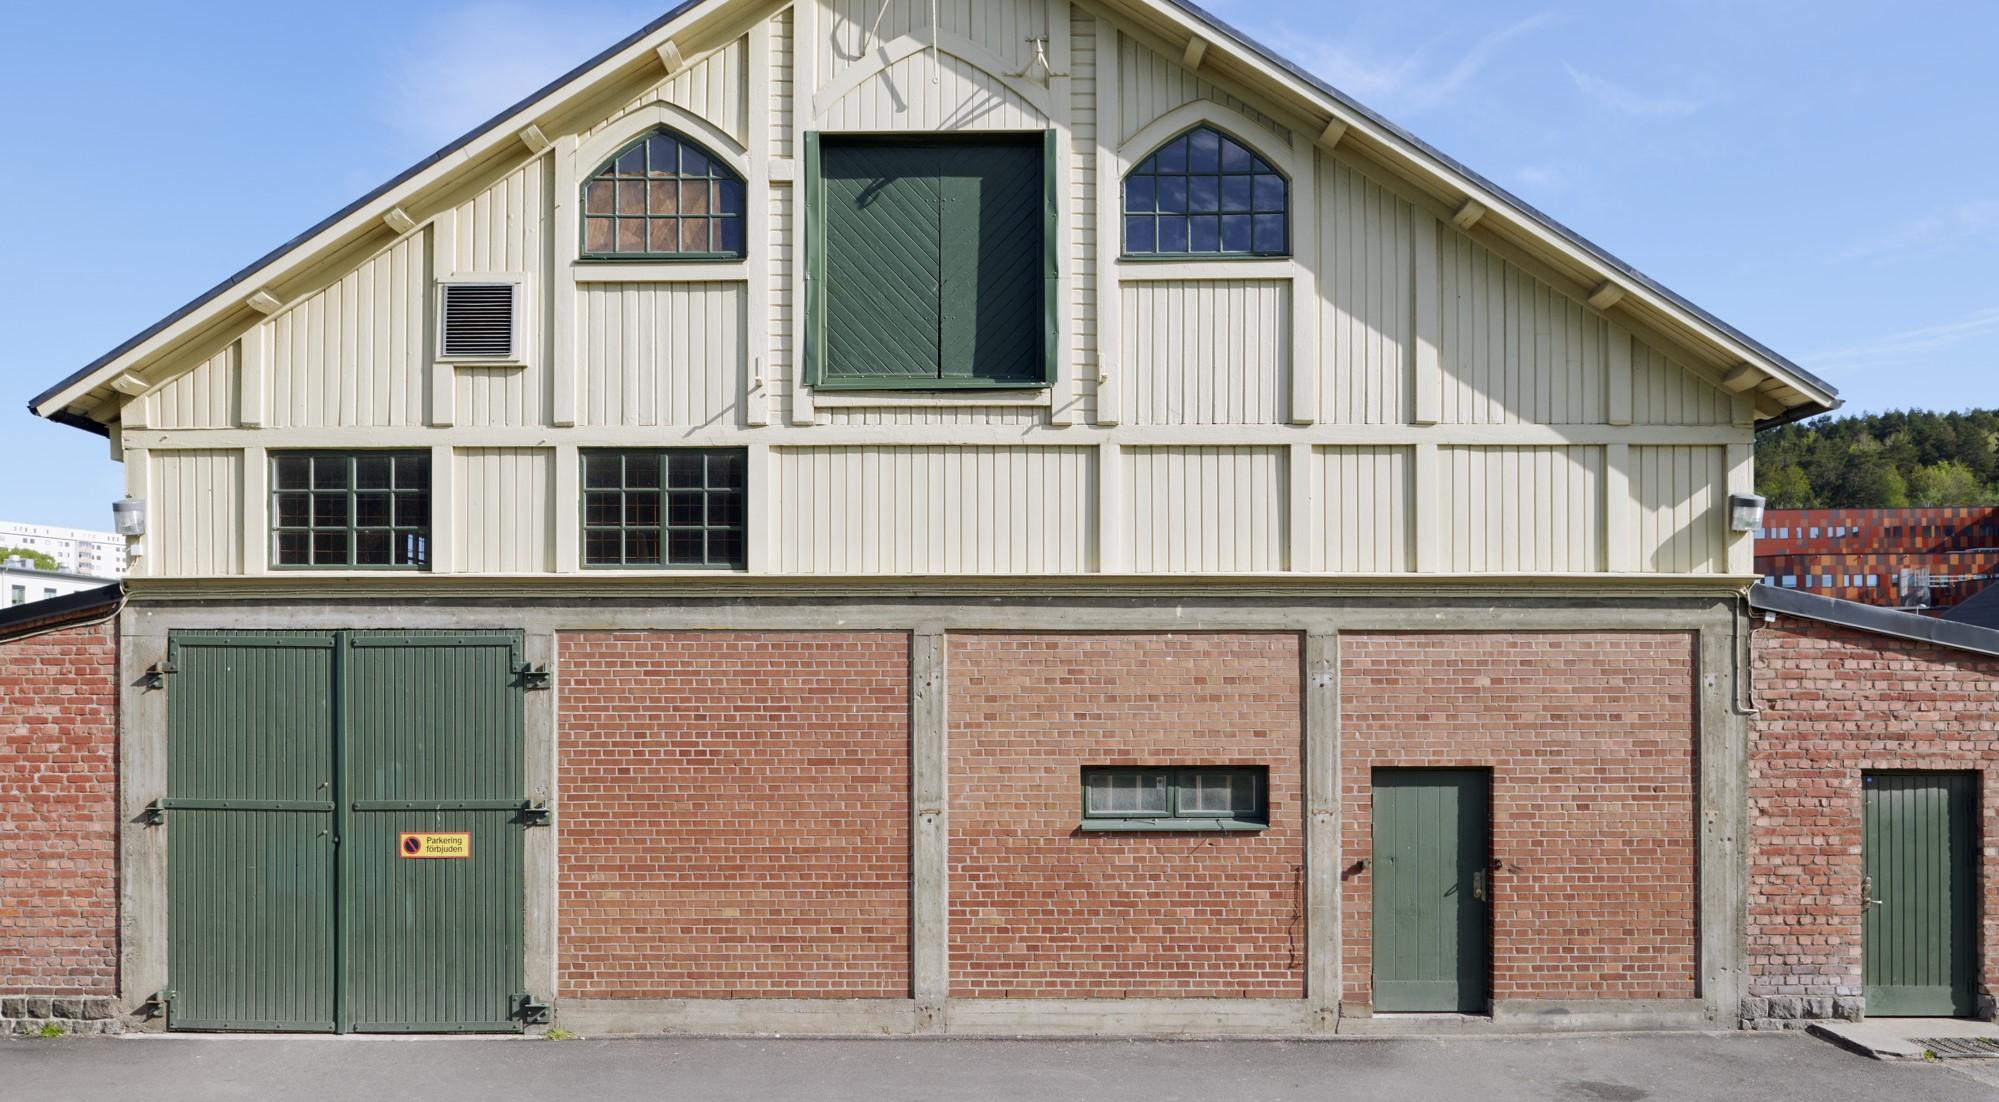 Utsidan av en av stallarna på Kvibergs Kaserner. Nederdelen av fasaden är i rött tegel och överdelen är i gult trä med snedtak.